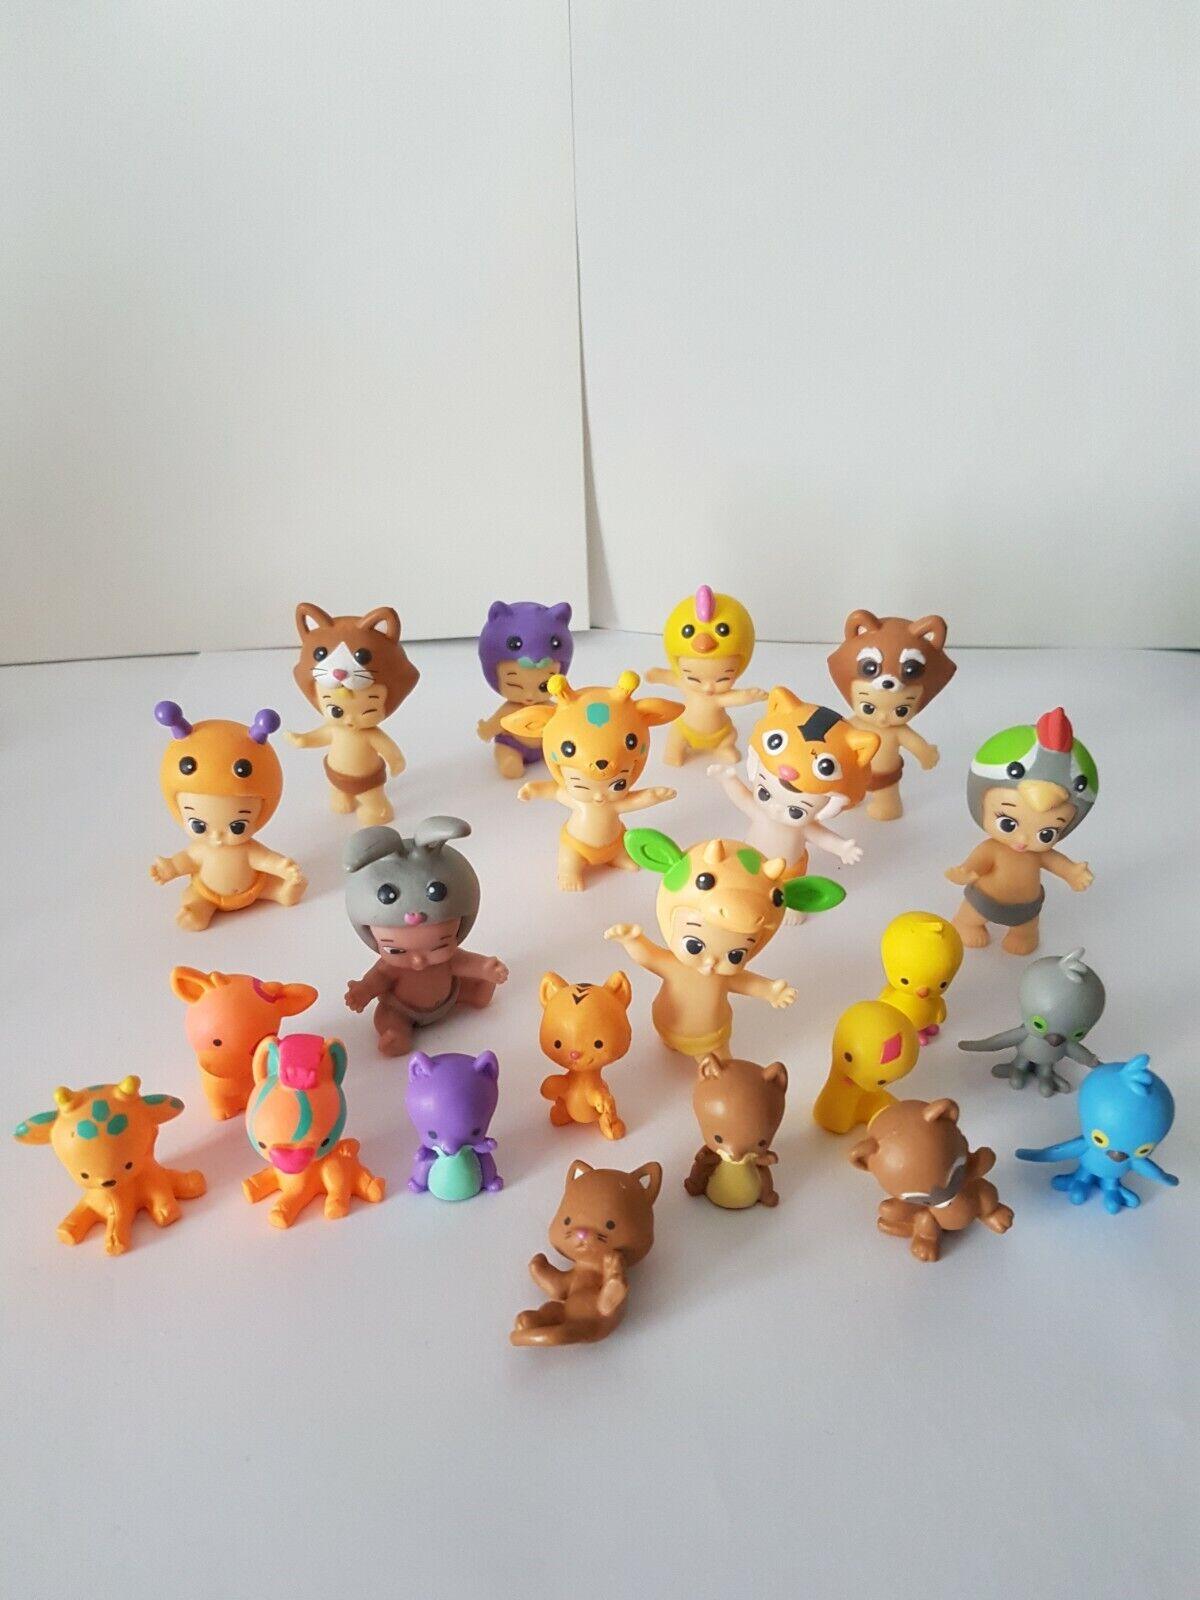 Lot de 22 figurines twozies (10 bébés et 12 animaux)